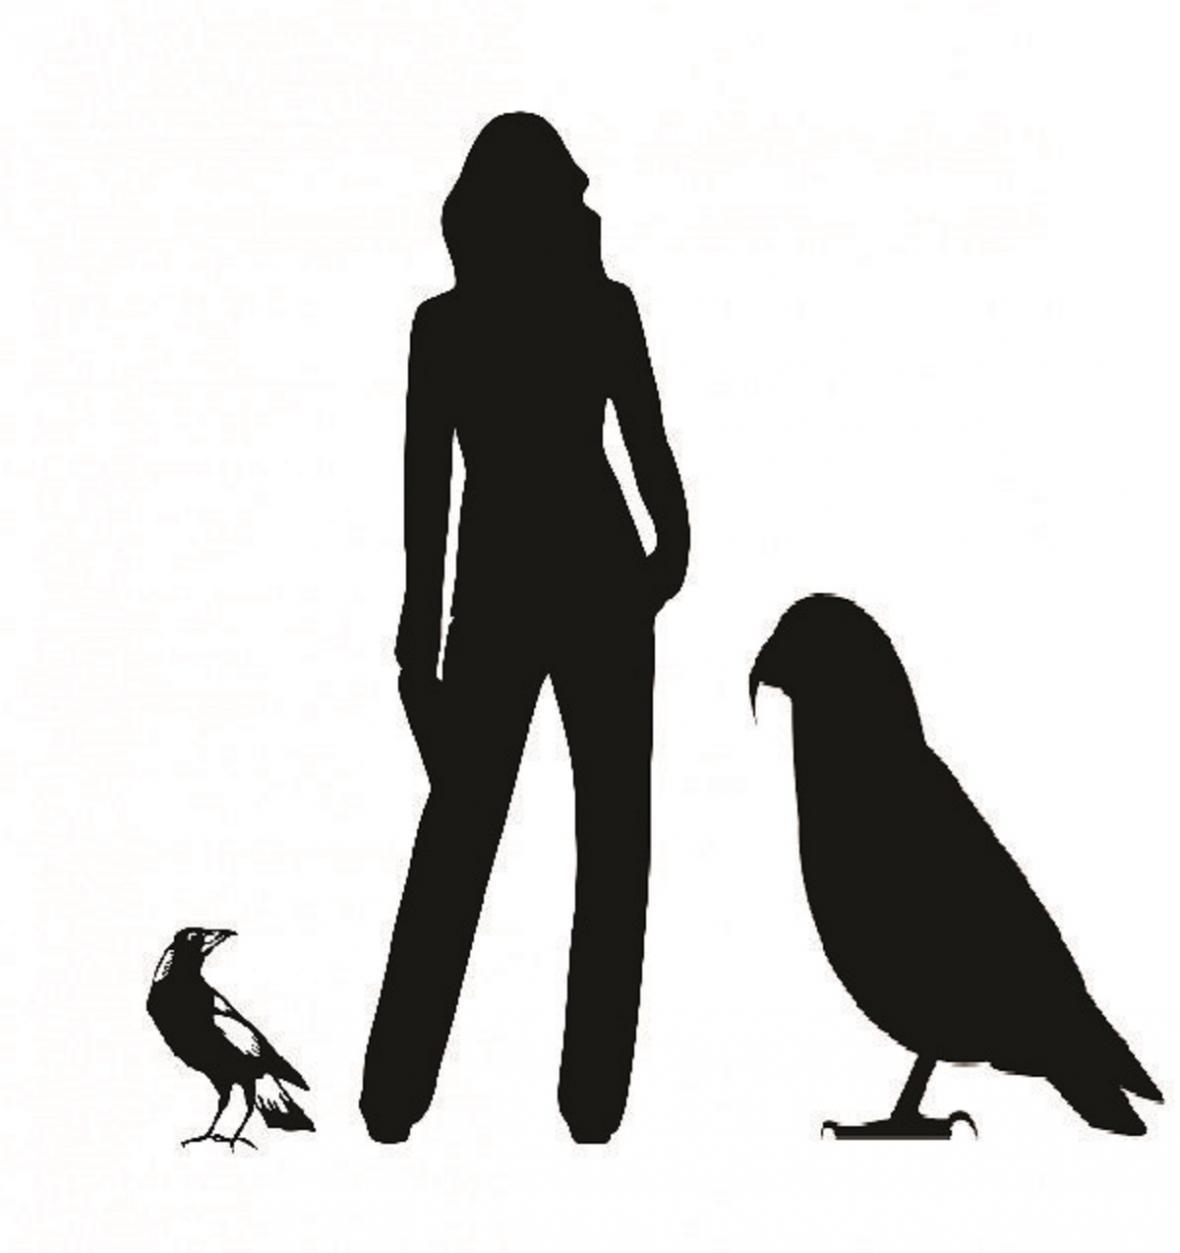 Srovnání flétňáka australského , člověka a největšího papouška světa